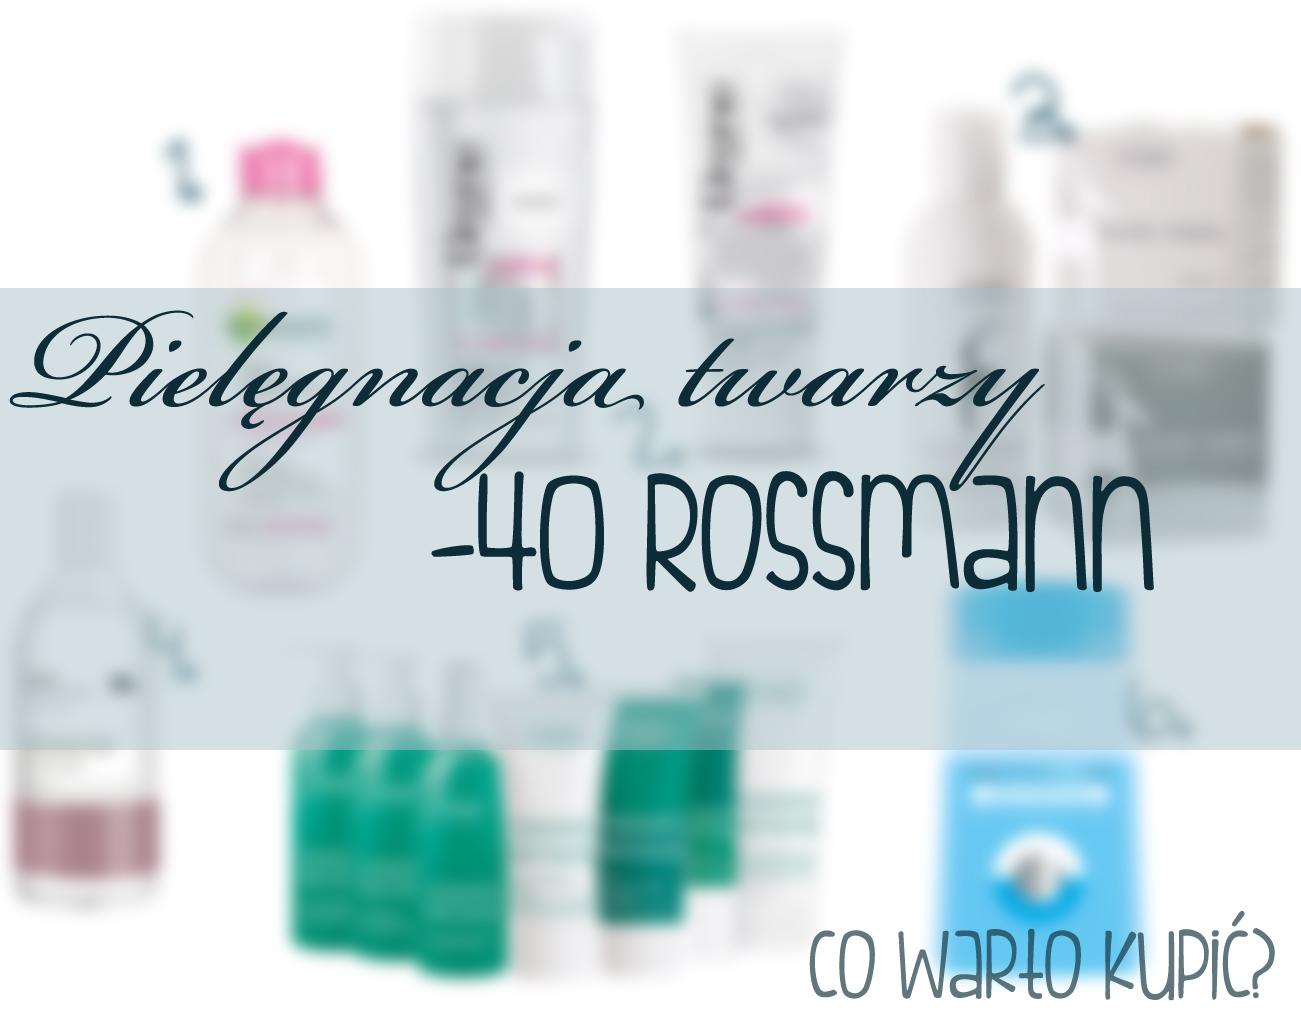 # Co warto kupić w Rossmanie? -40% na pielęgnację twarzy